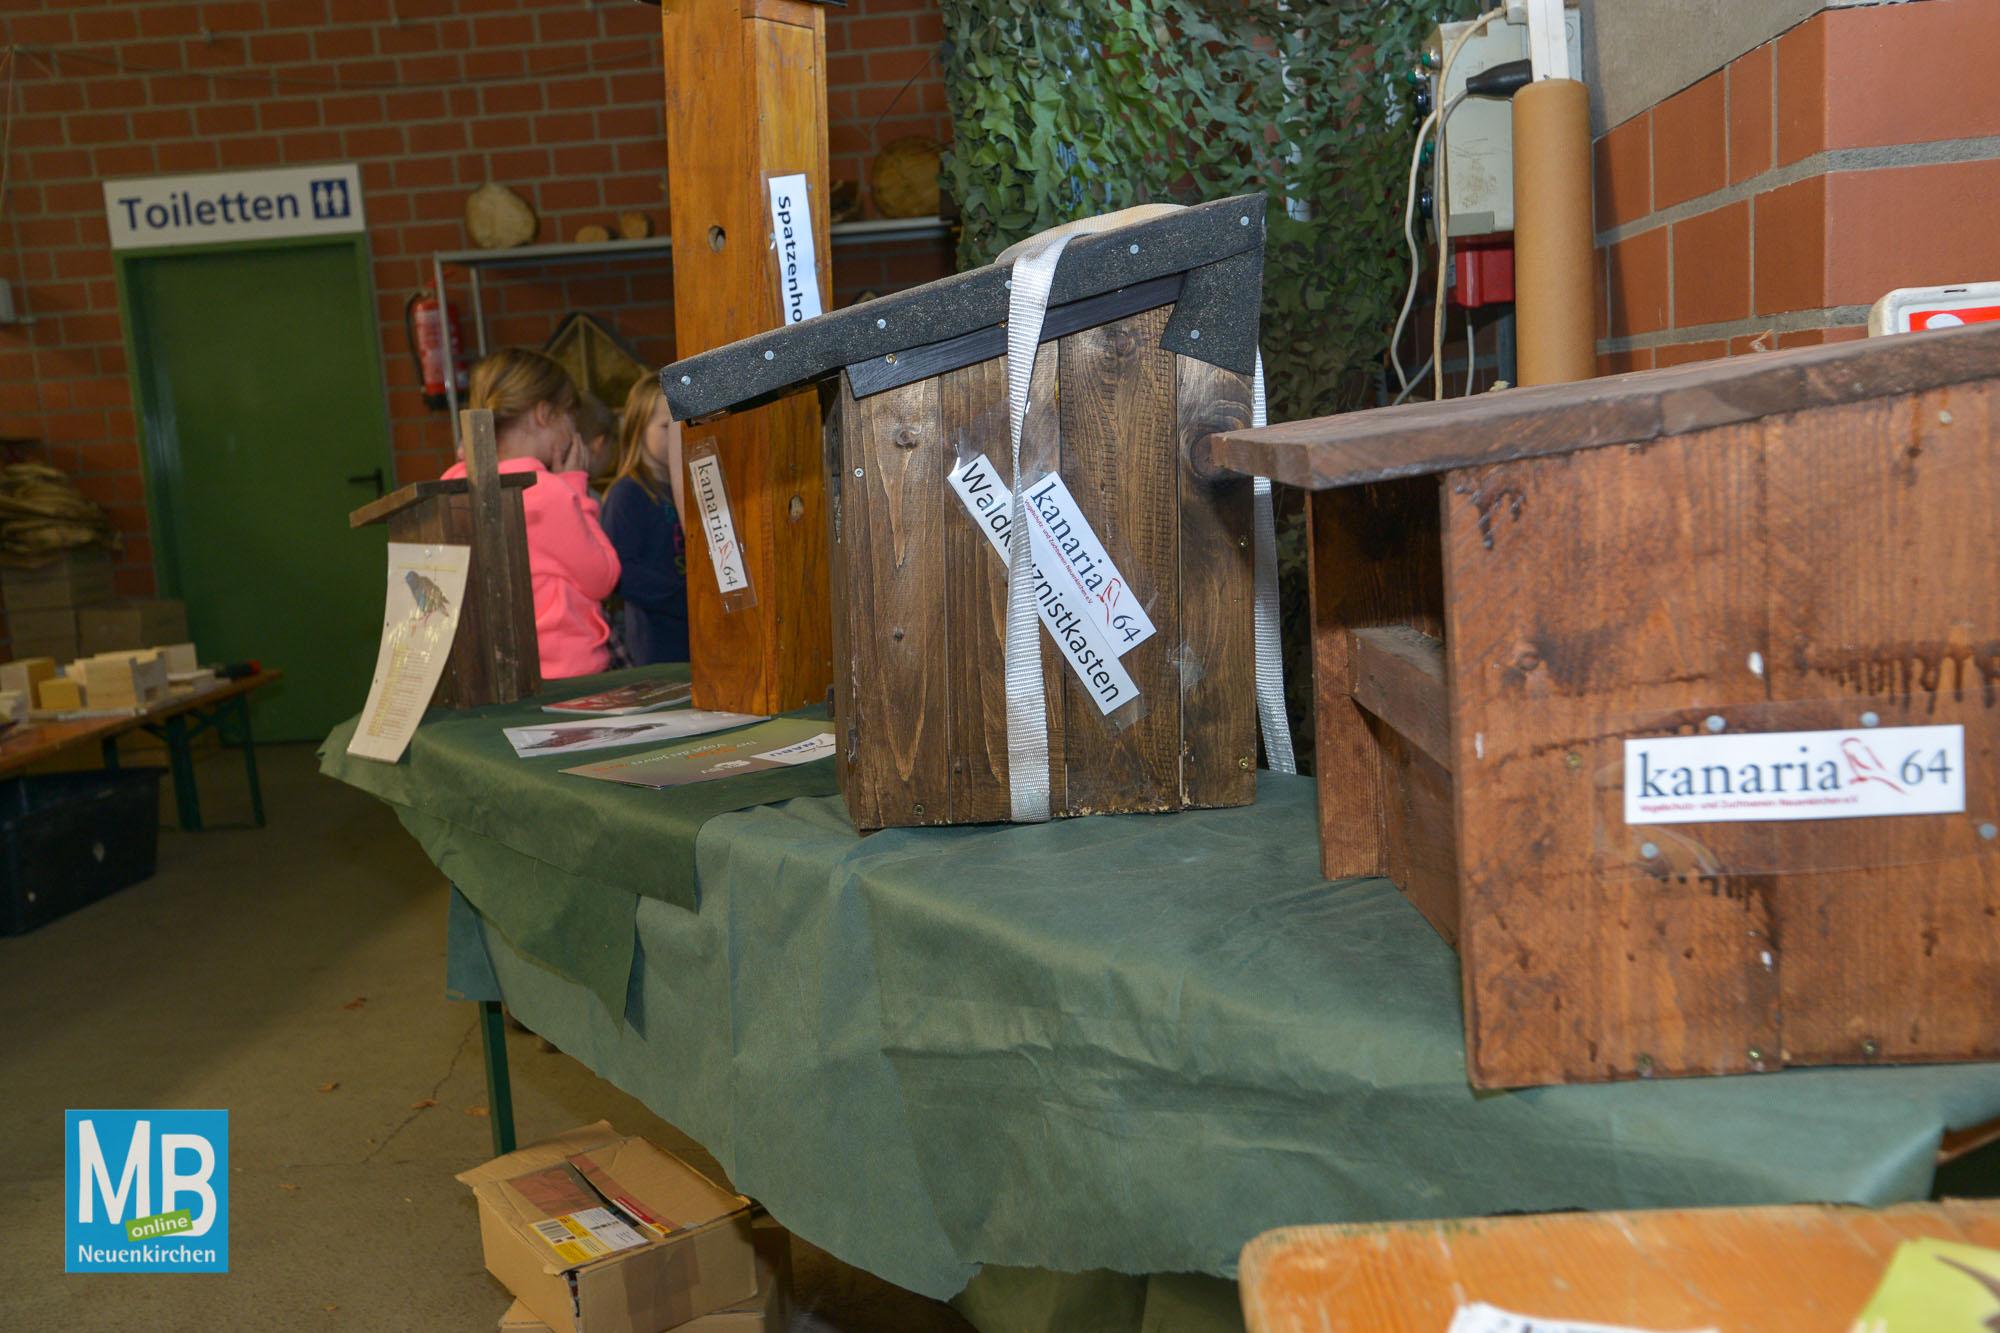 Kanaria 64 Vogelausstellung